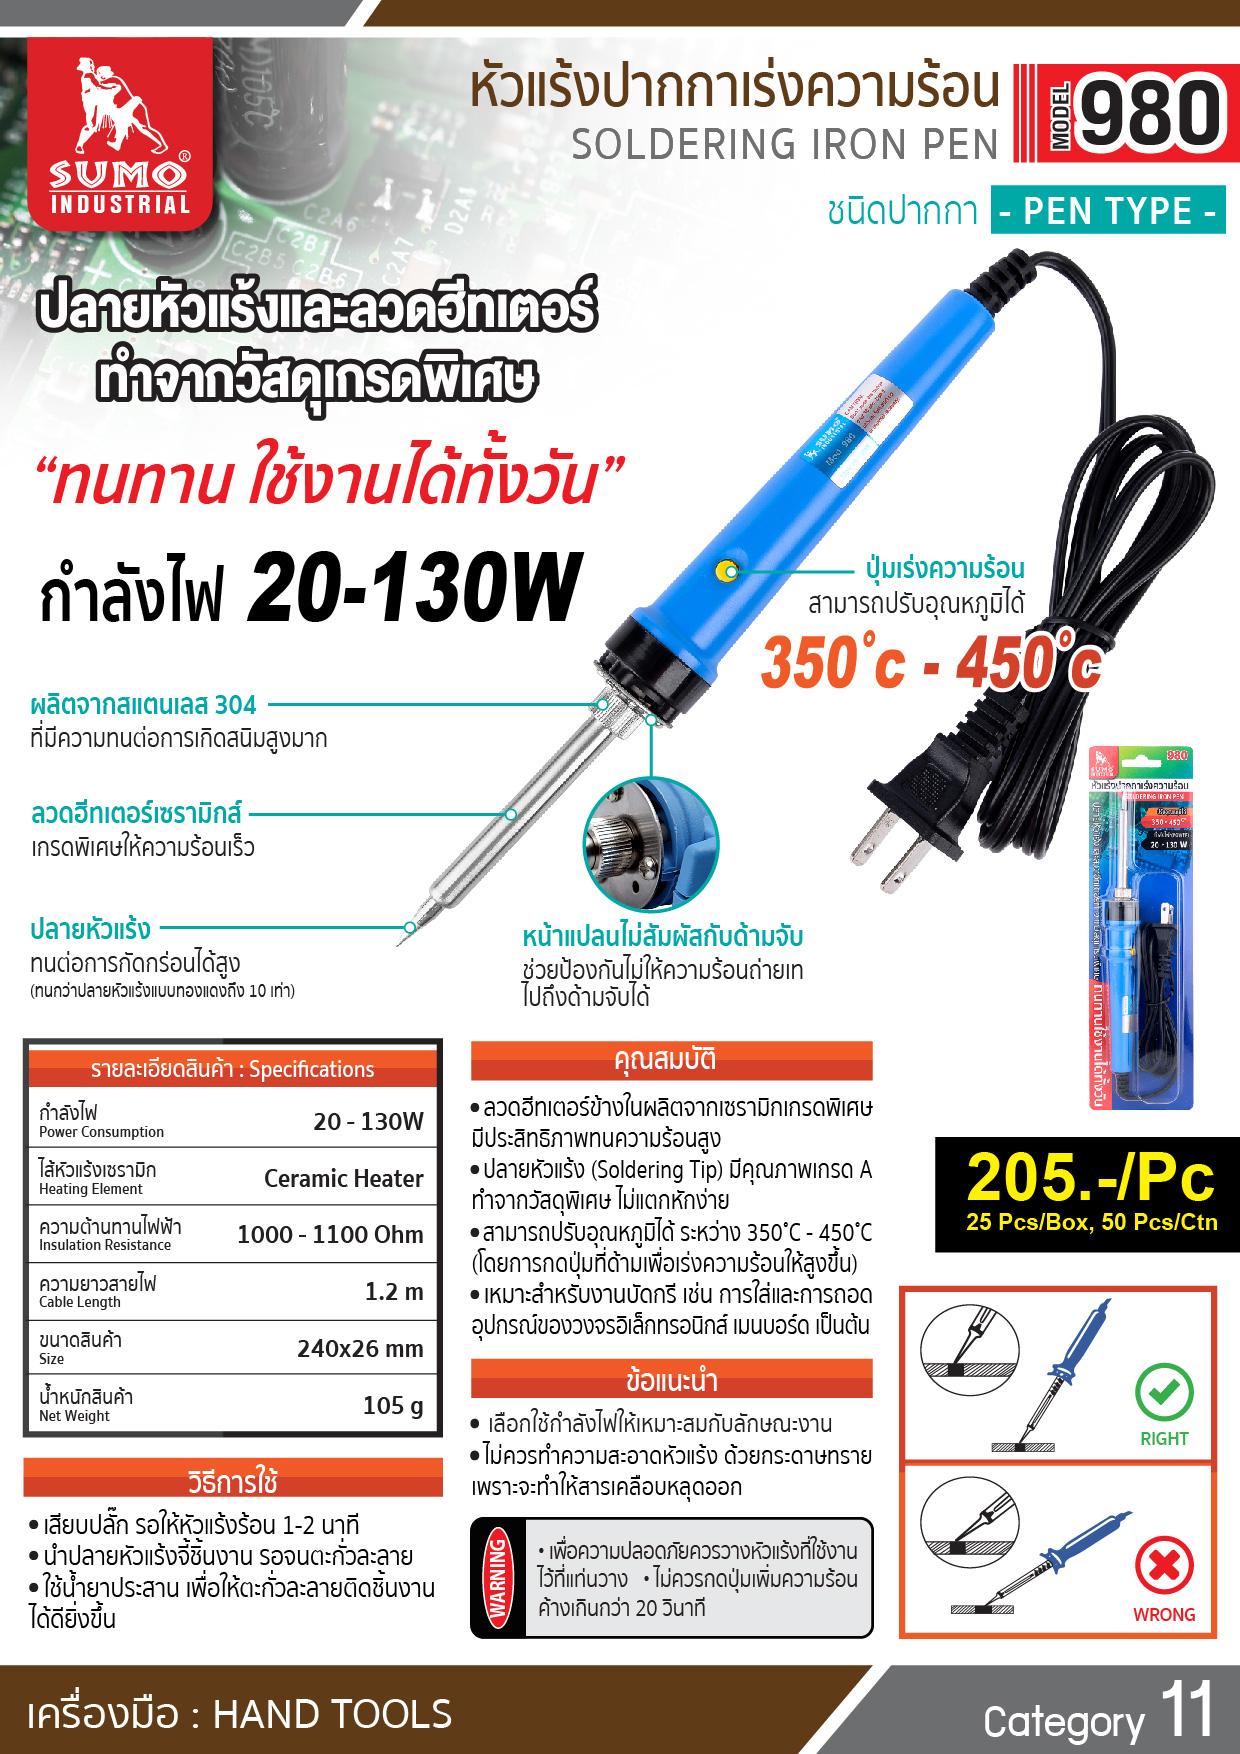 (54/133) หัวแร้งปากกาเร่งความร้อน รุ่น 980